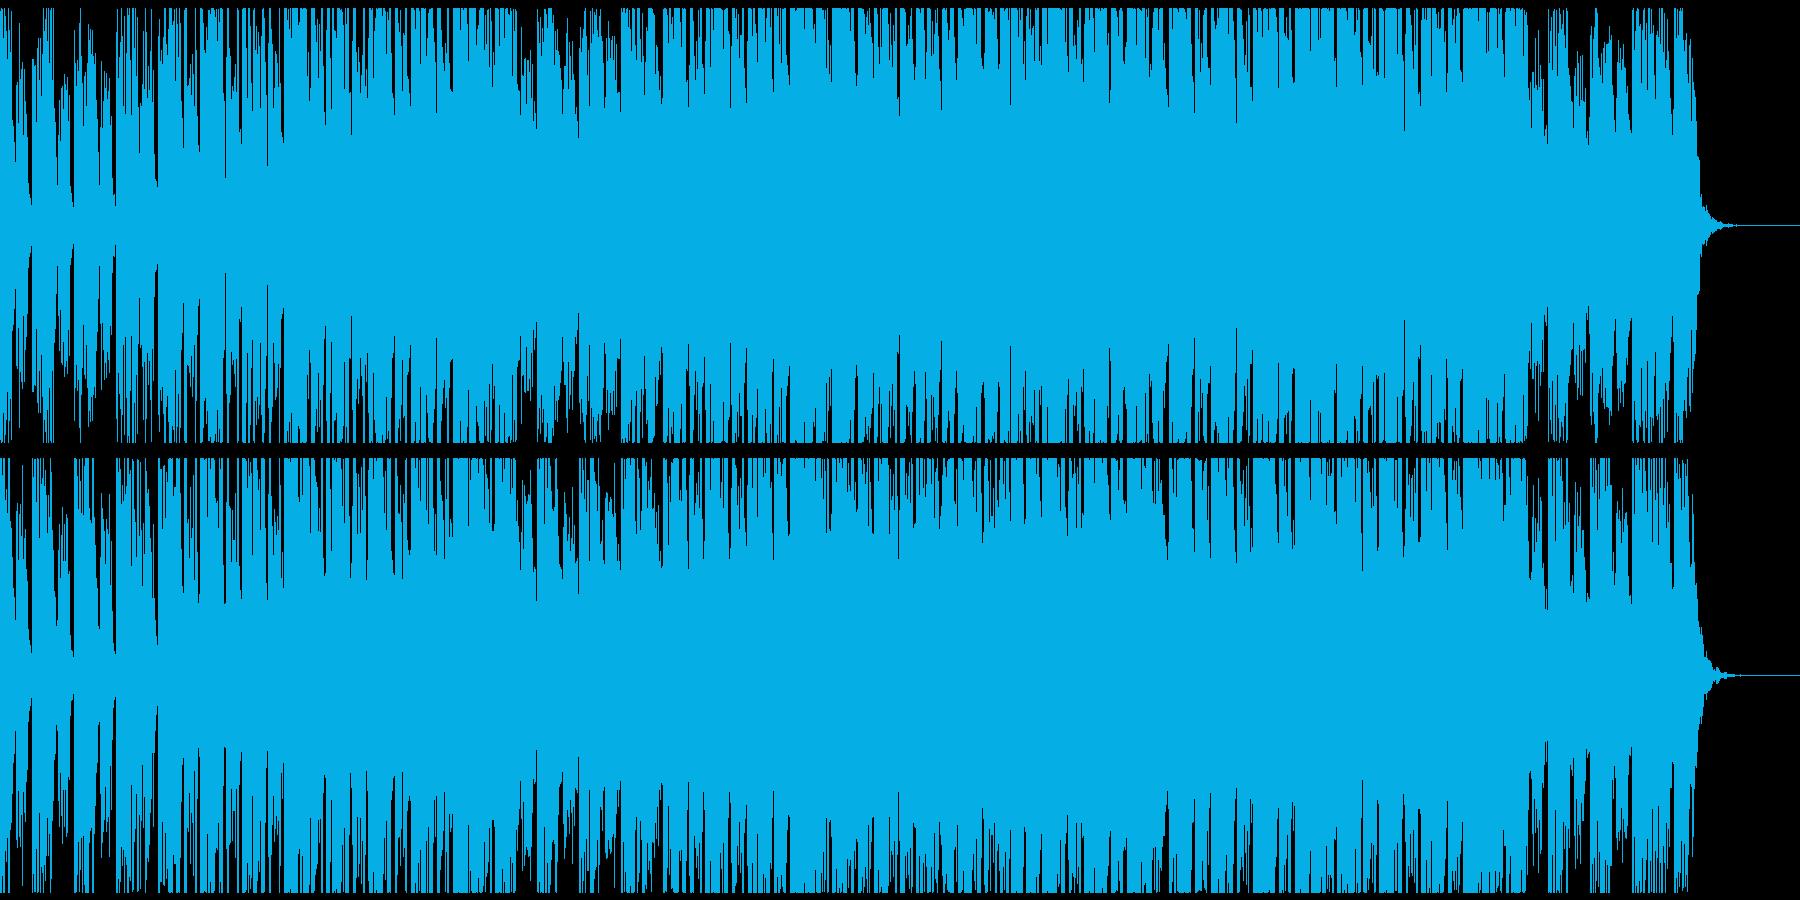 落ち着いたエレピとシンセの未来的なBGMの再生済みの波形